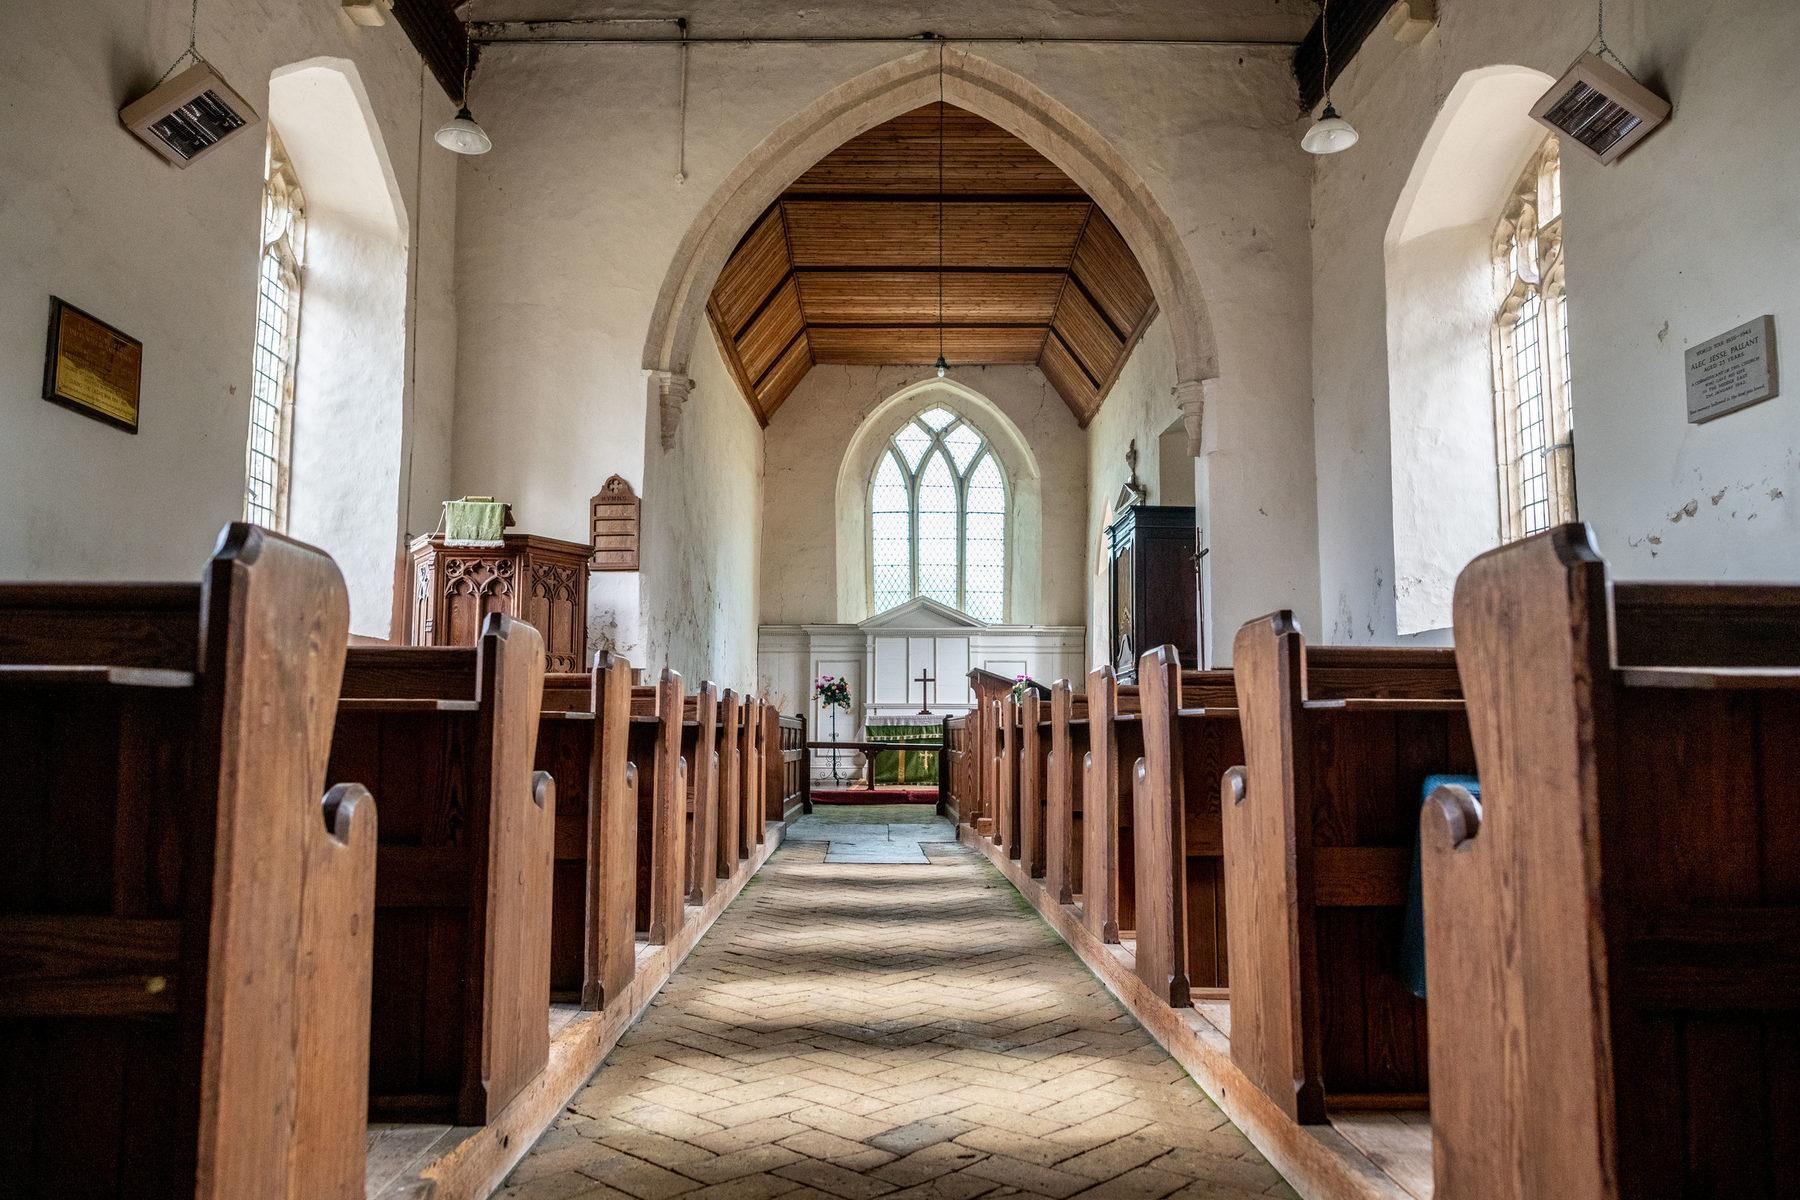 022 Gayton Thorpe Church 2018